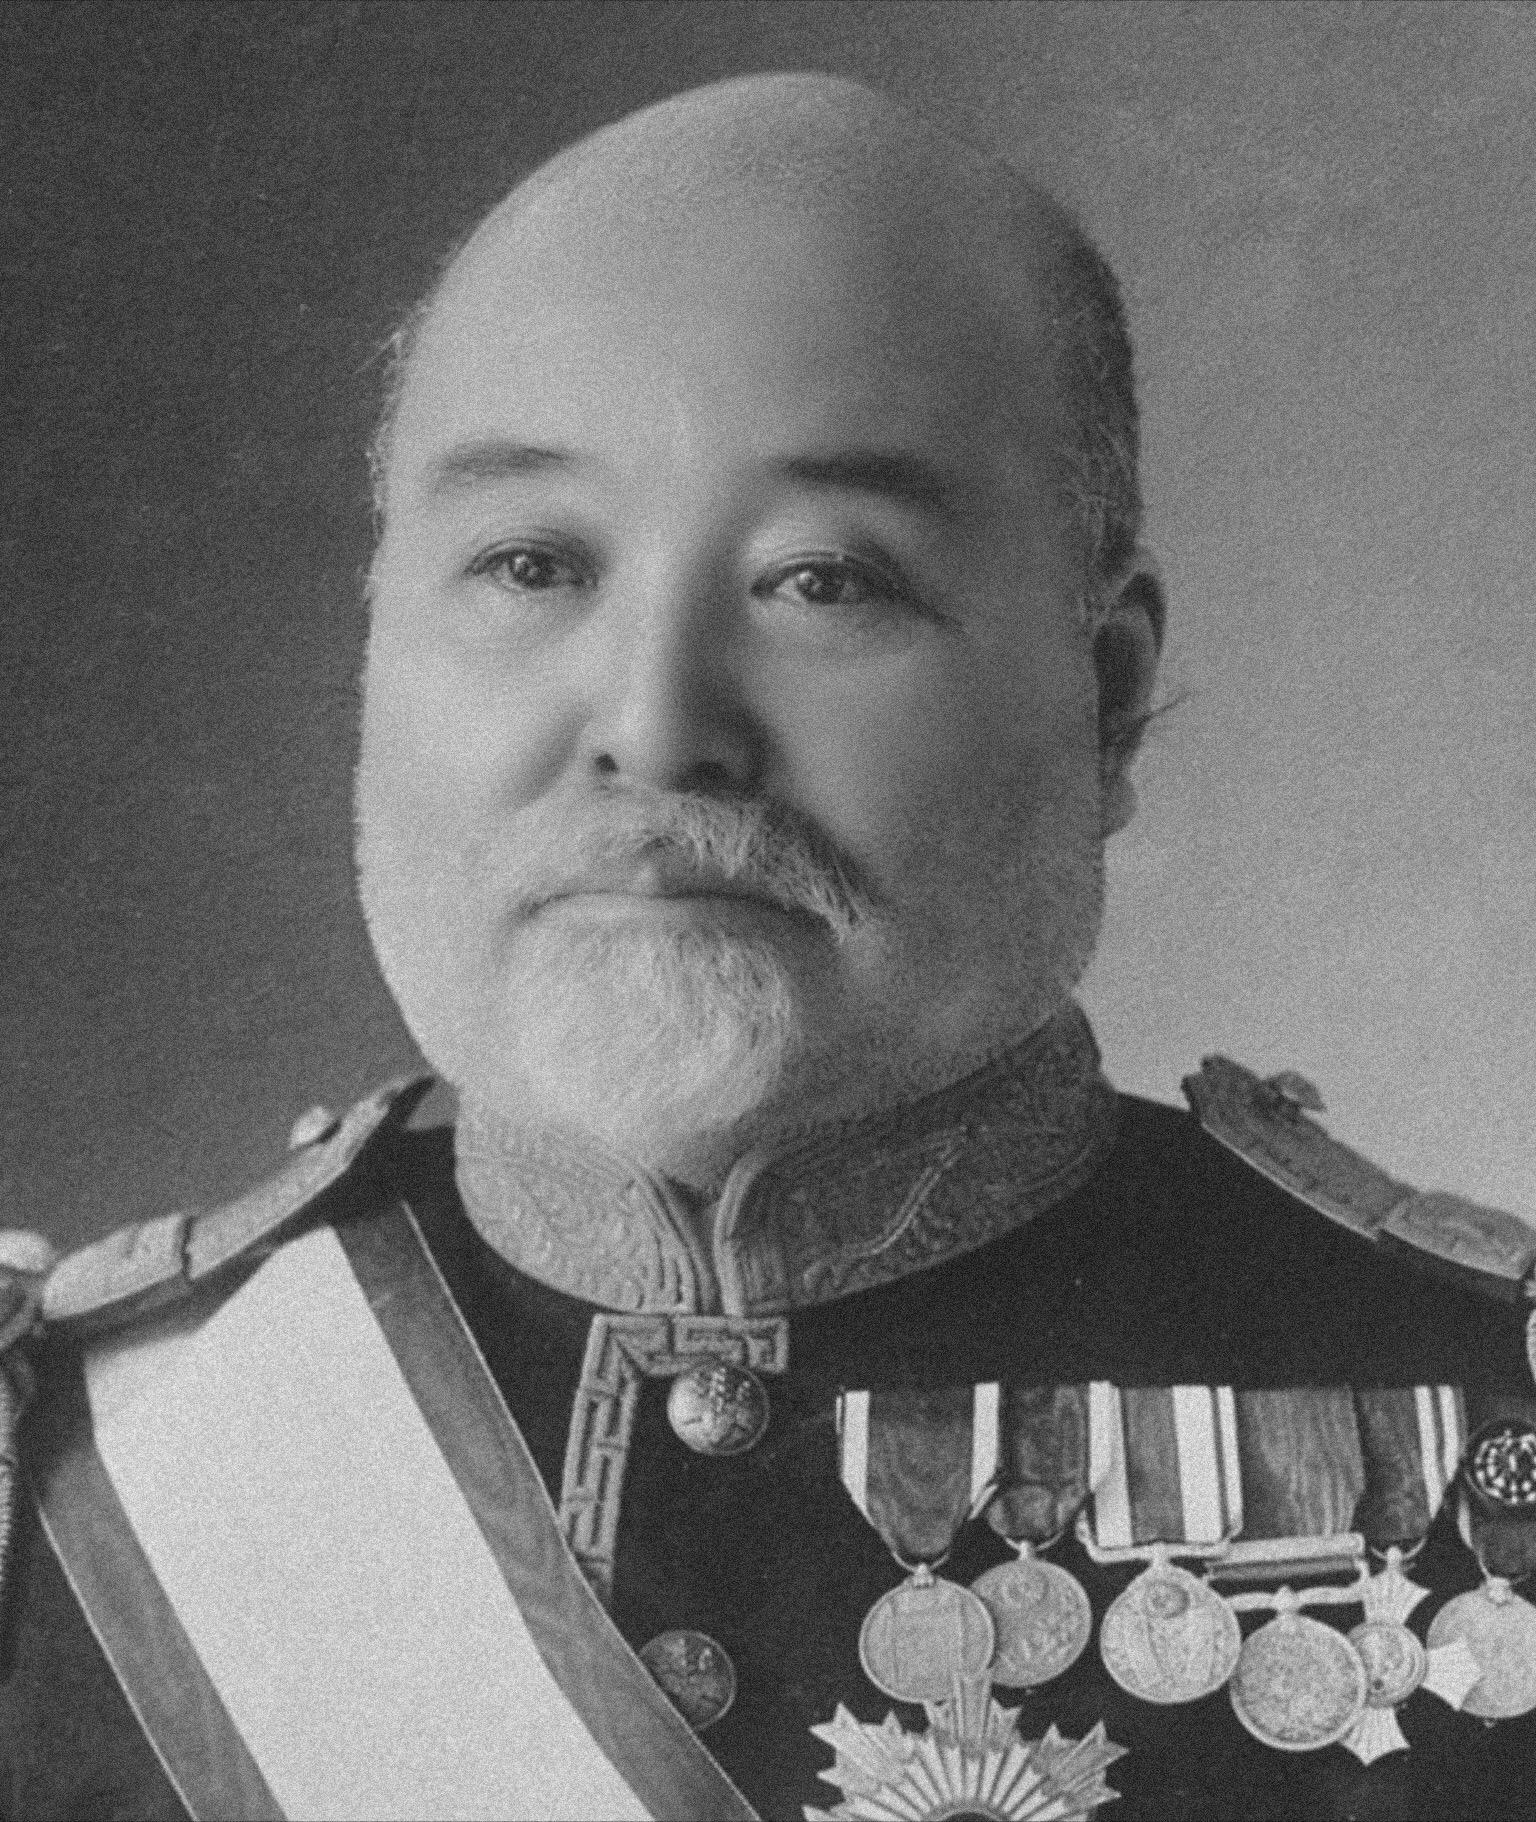 Korekiyo Takahashi (1854-1936)